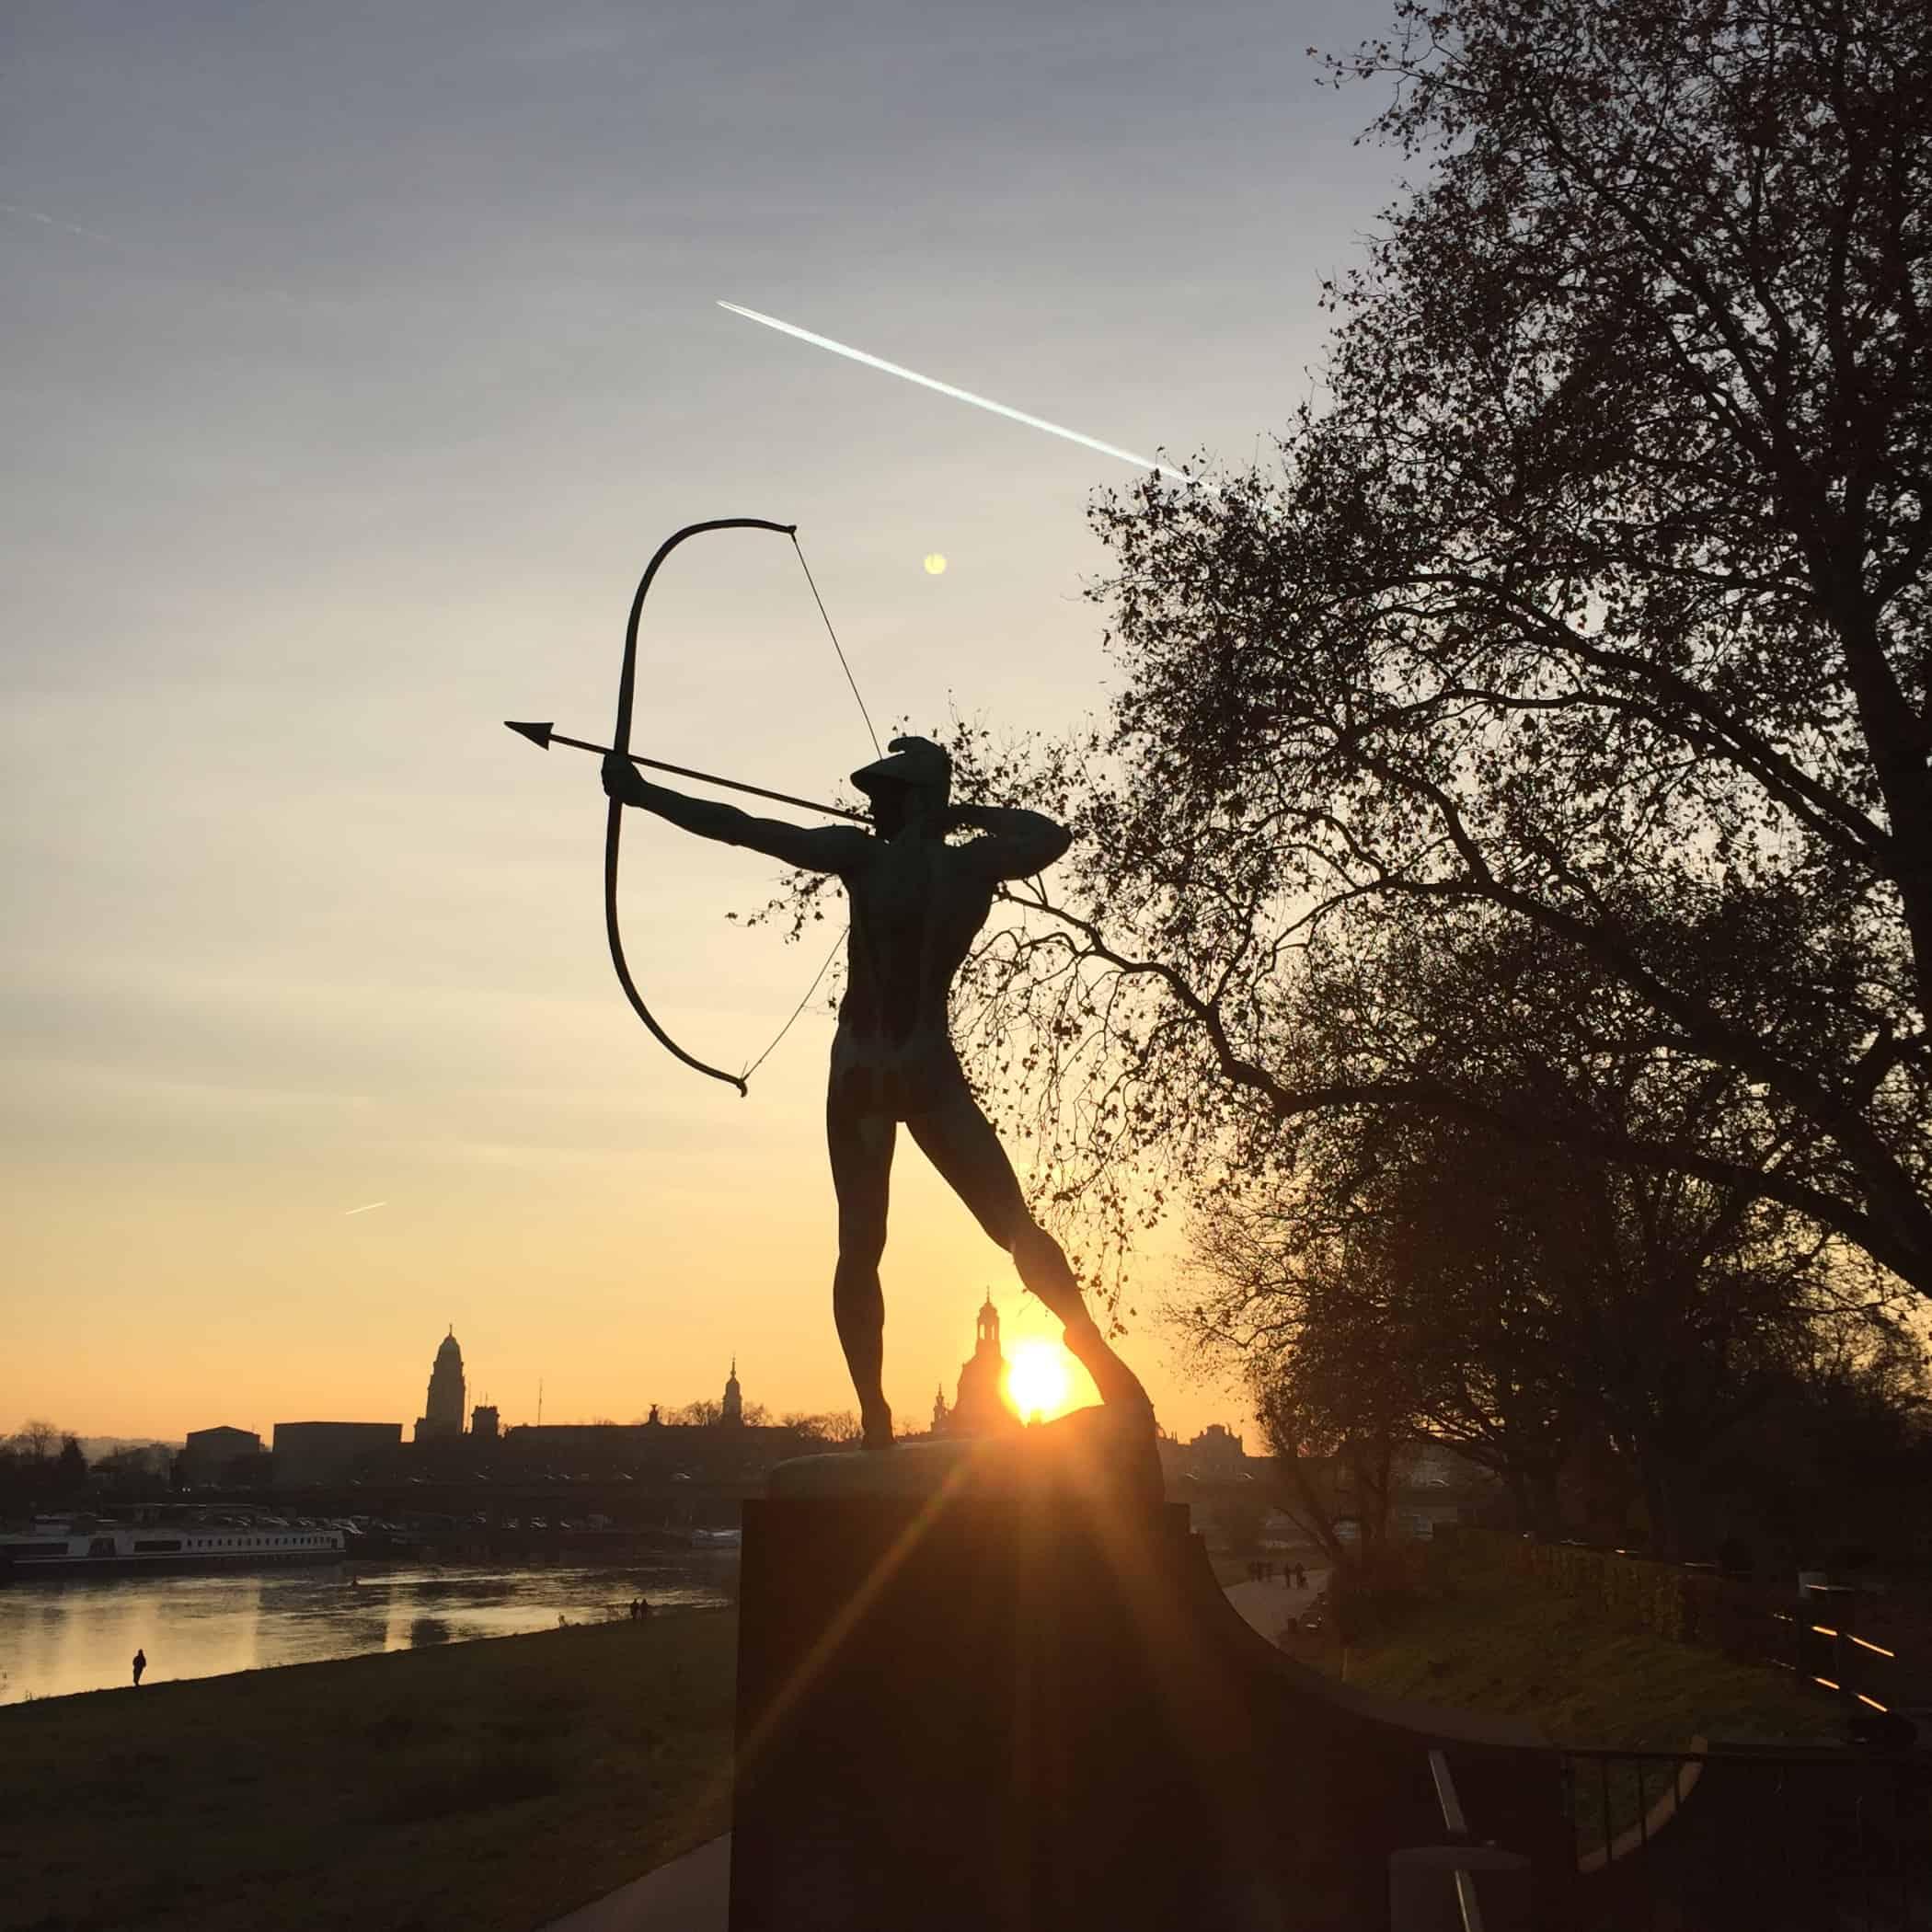 Bogenschütze Dresden - wir wollen, dass Herzen getroffen werden. Stoffwechsel